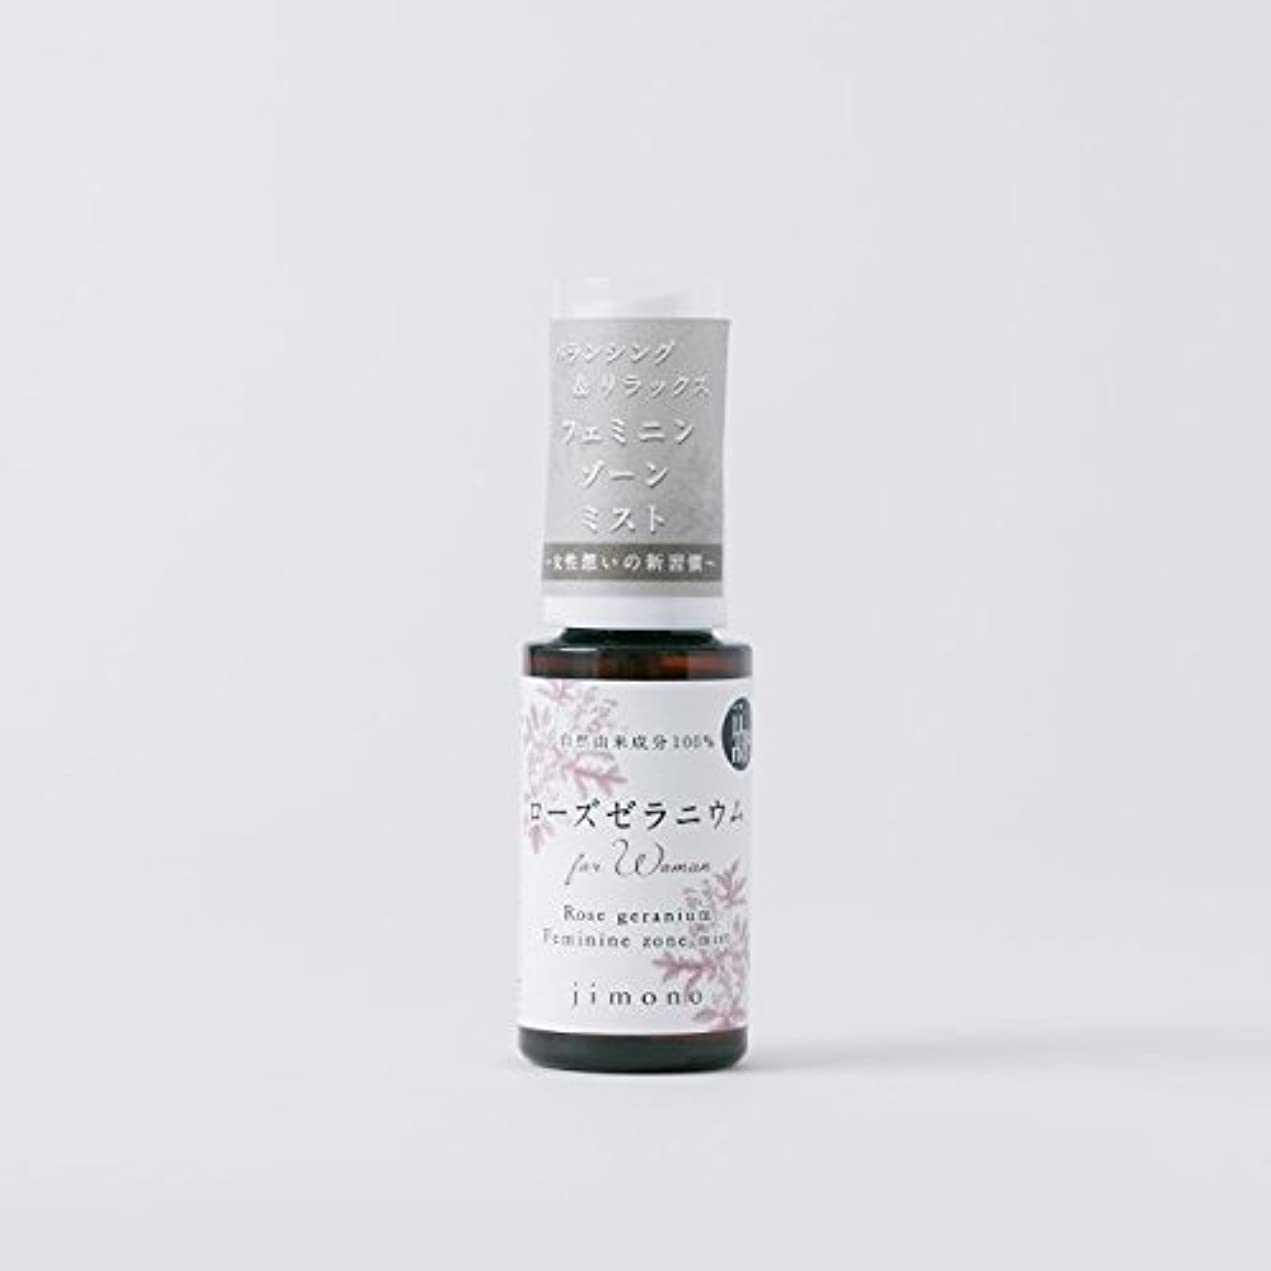 デリケートゾーン用石鹸for womanローズゼラニウムミスト